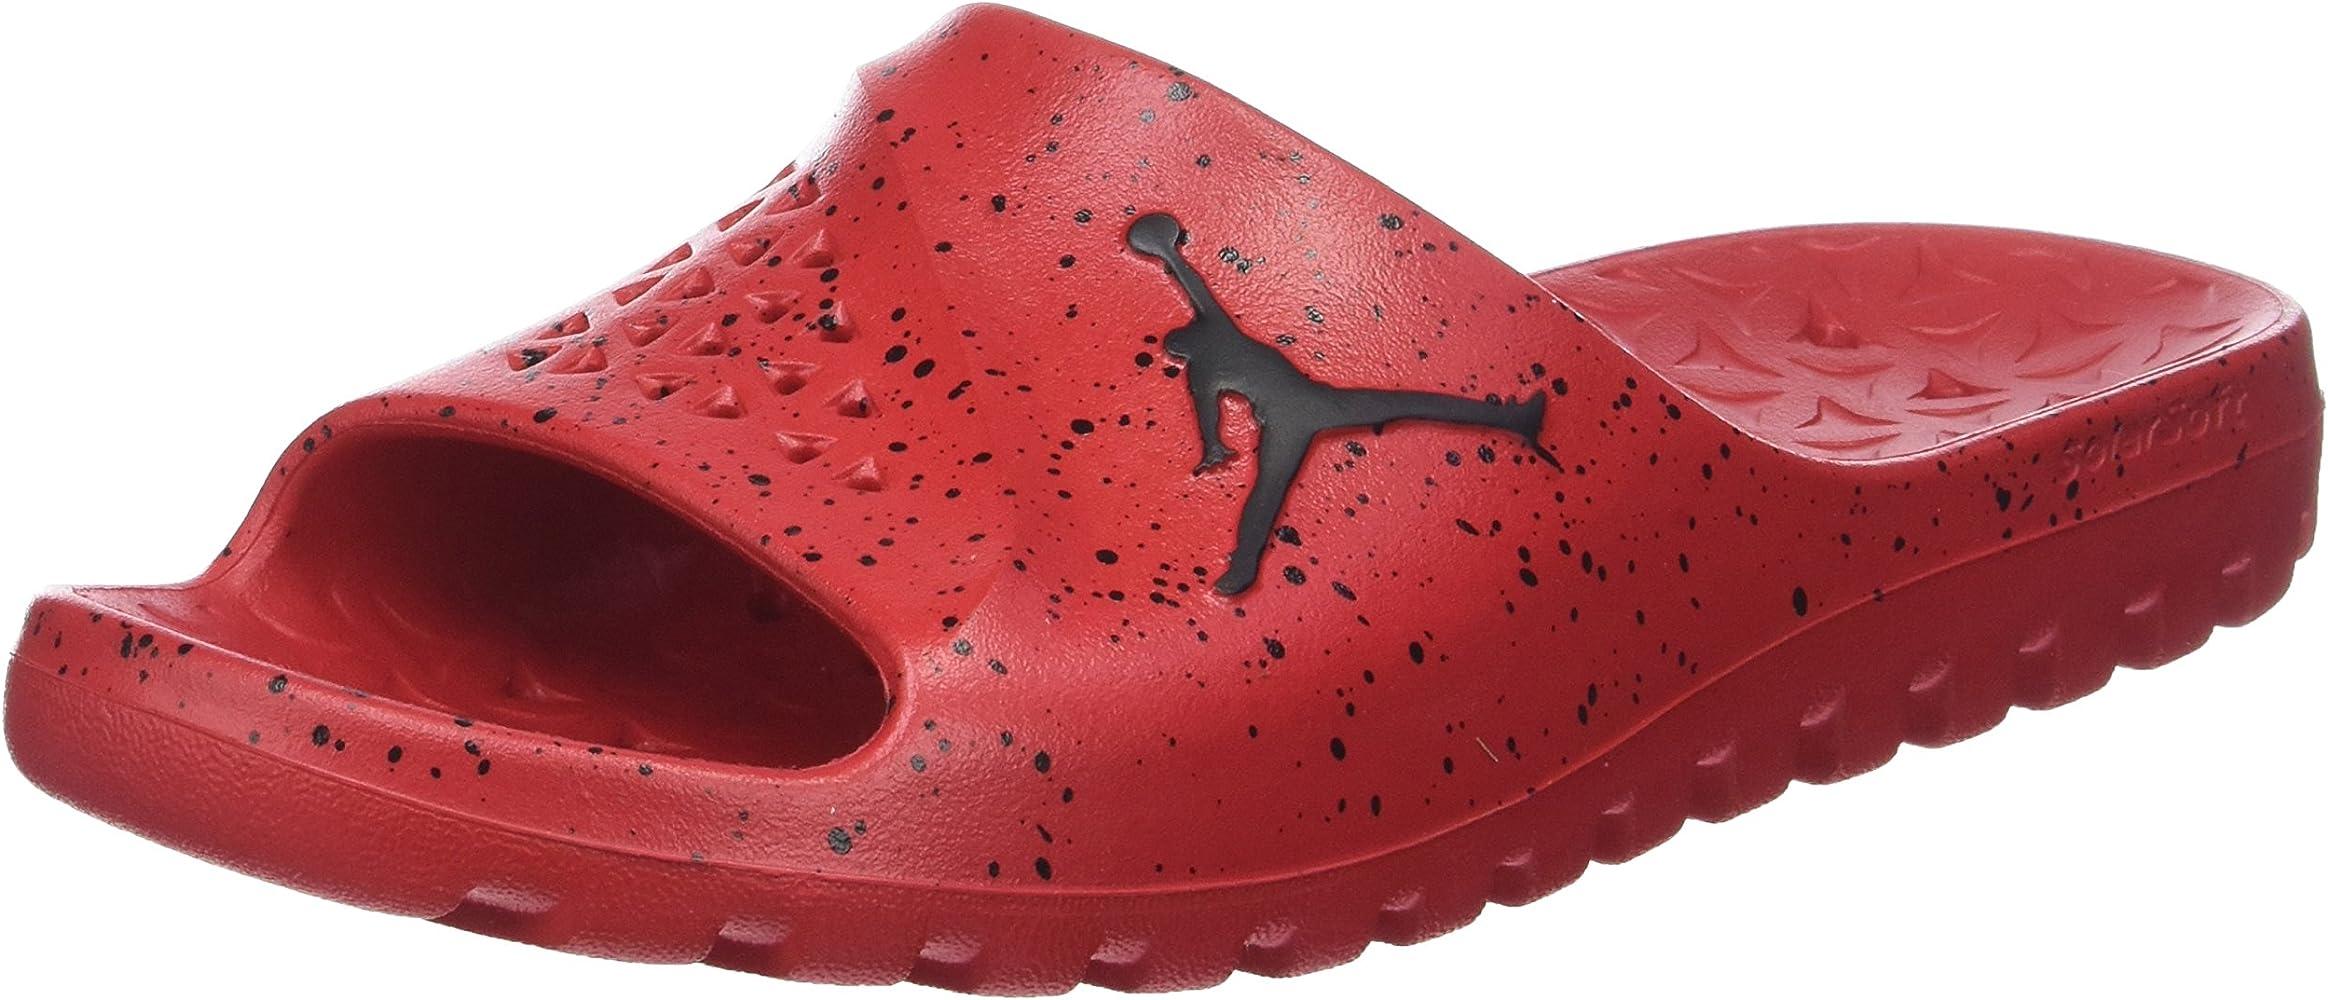 a3bad6c1bb8204 Amazon.com | Jordan Super.Fly Team Slide Mens 716985-611 Size 15 ...